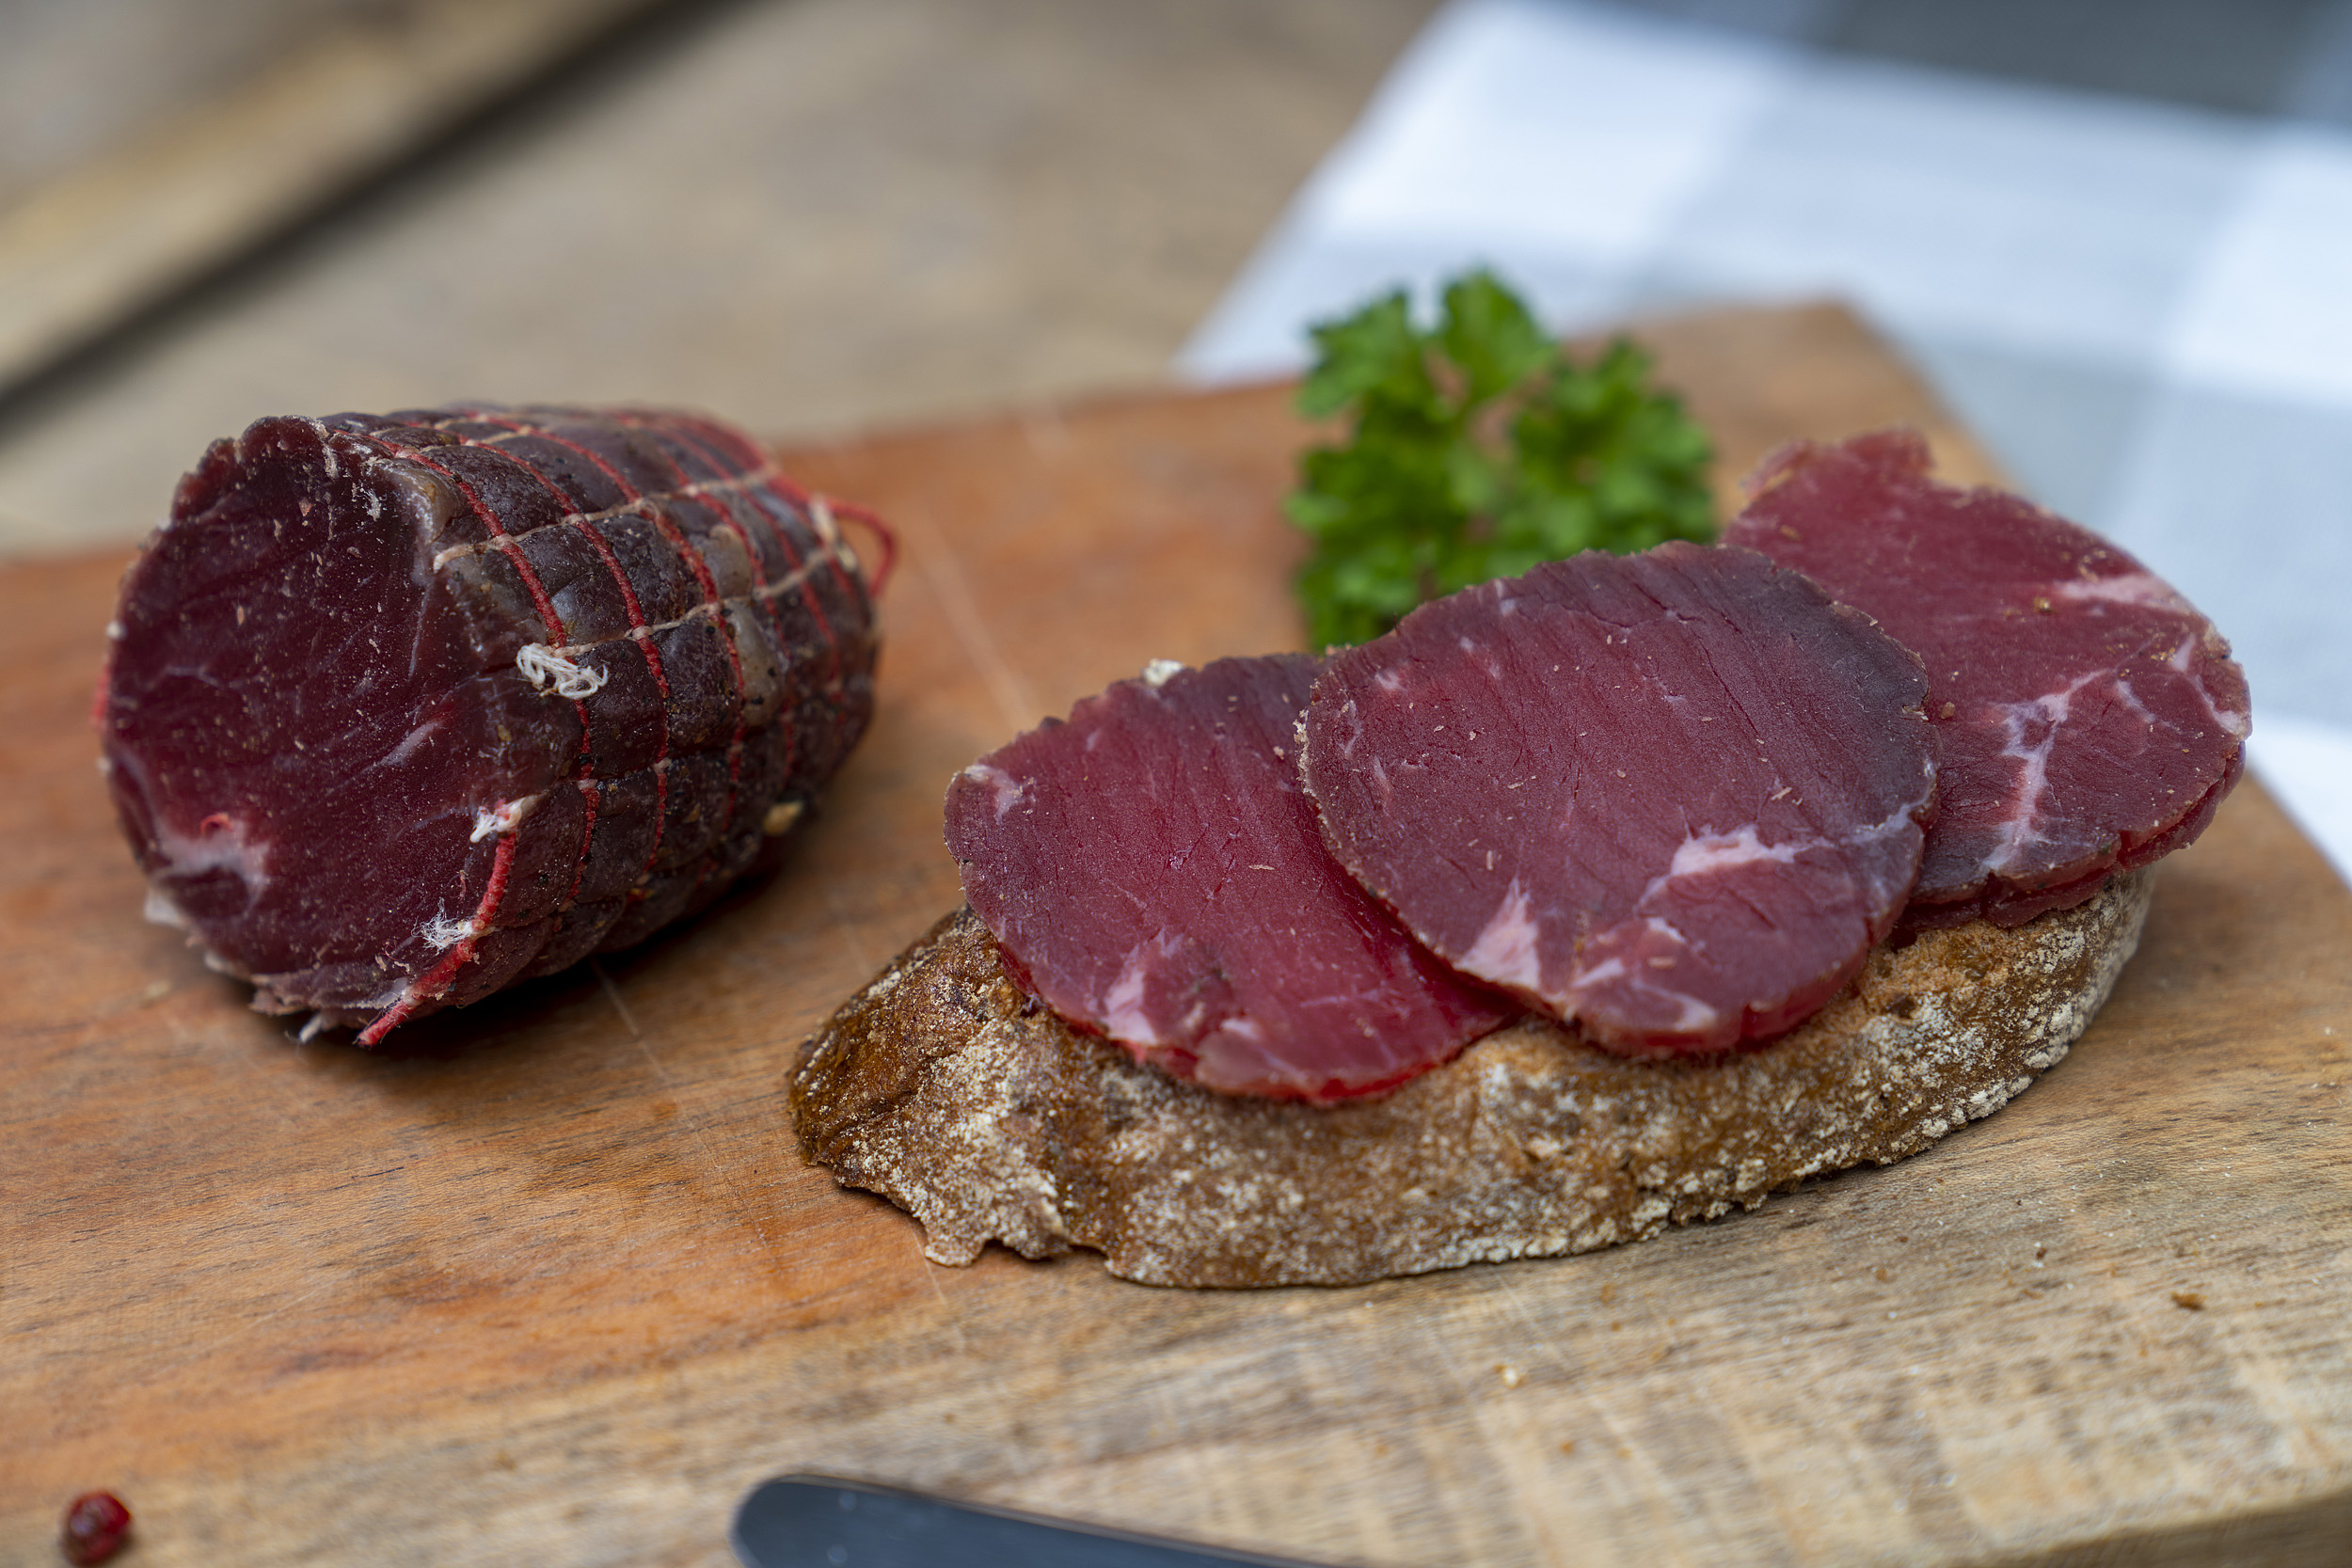 Ein Brot mit Rinderschinken. Auch auf dem Brett das Schinkenstück und Petersilie.